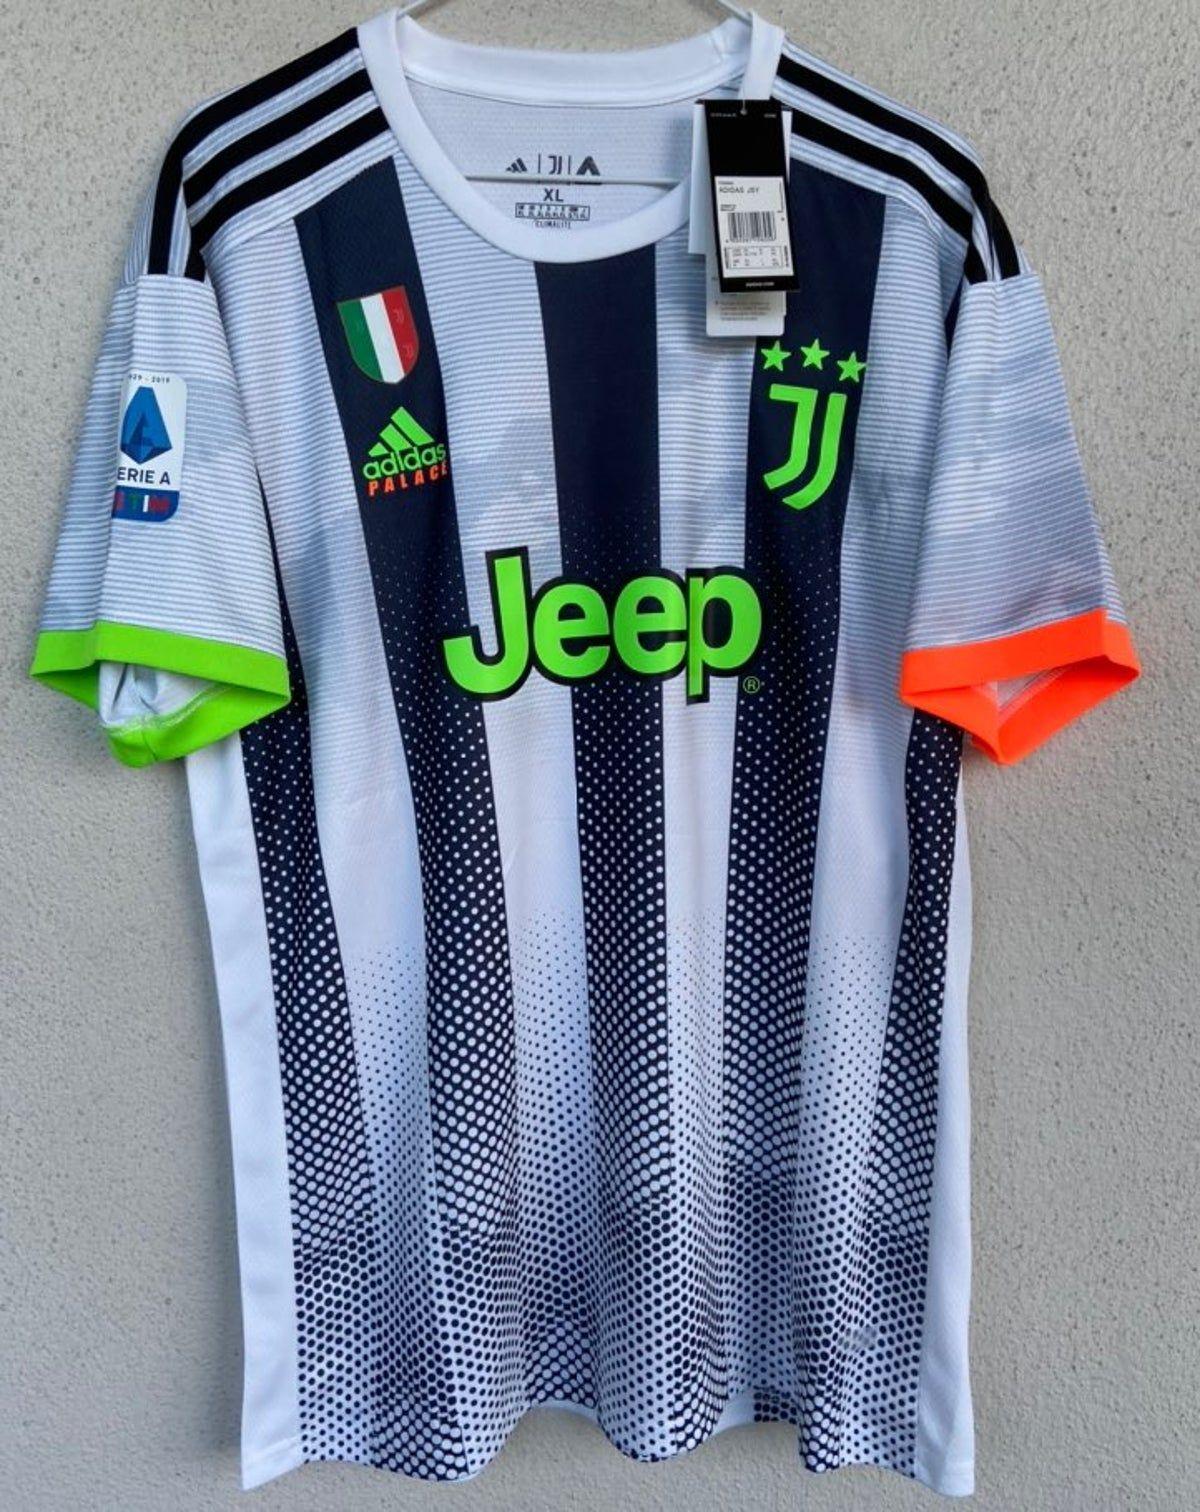 Palace Adidas x Juventus Ronaldo Jersey | Ronaldo jersey, Ronaldo ...